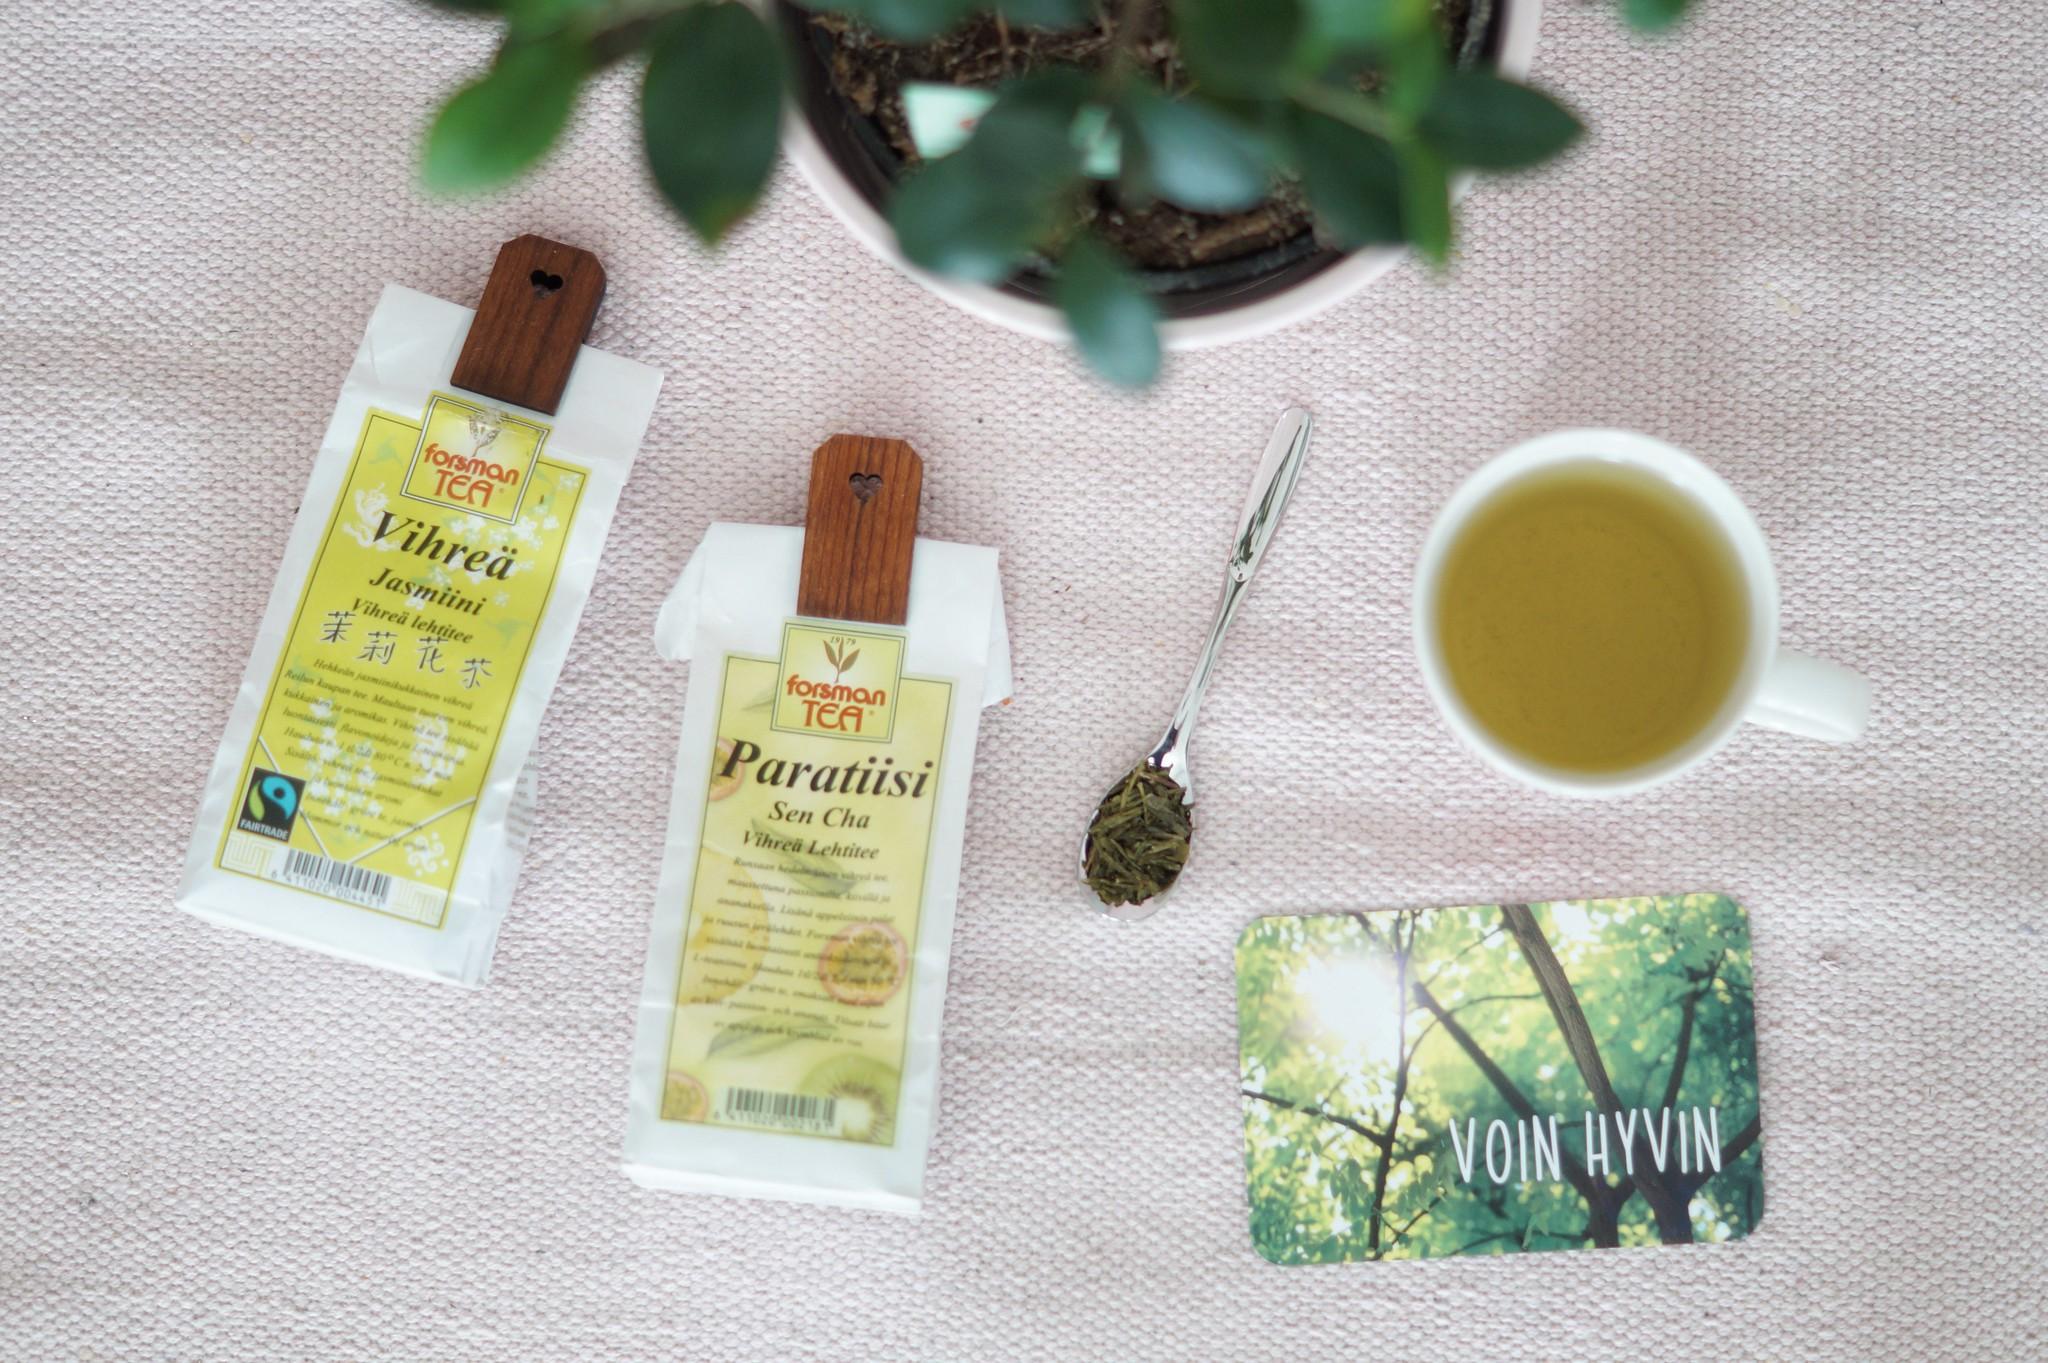 vihreä tee terveyshyödyt